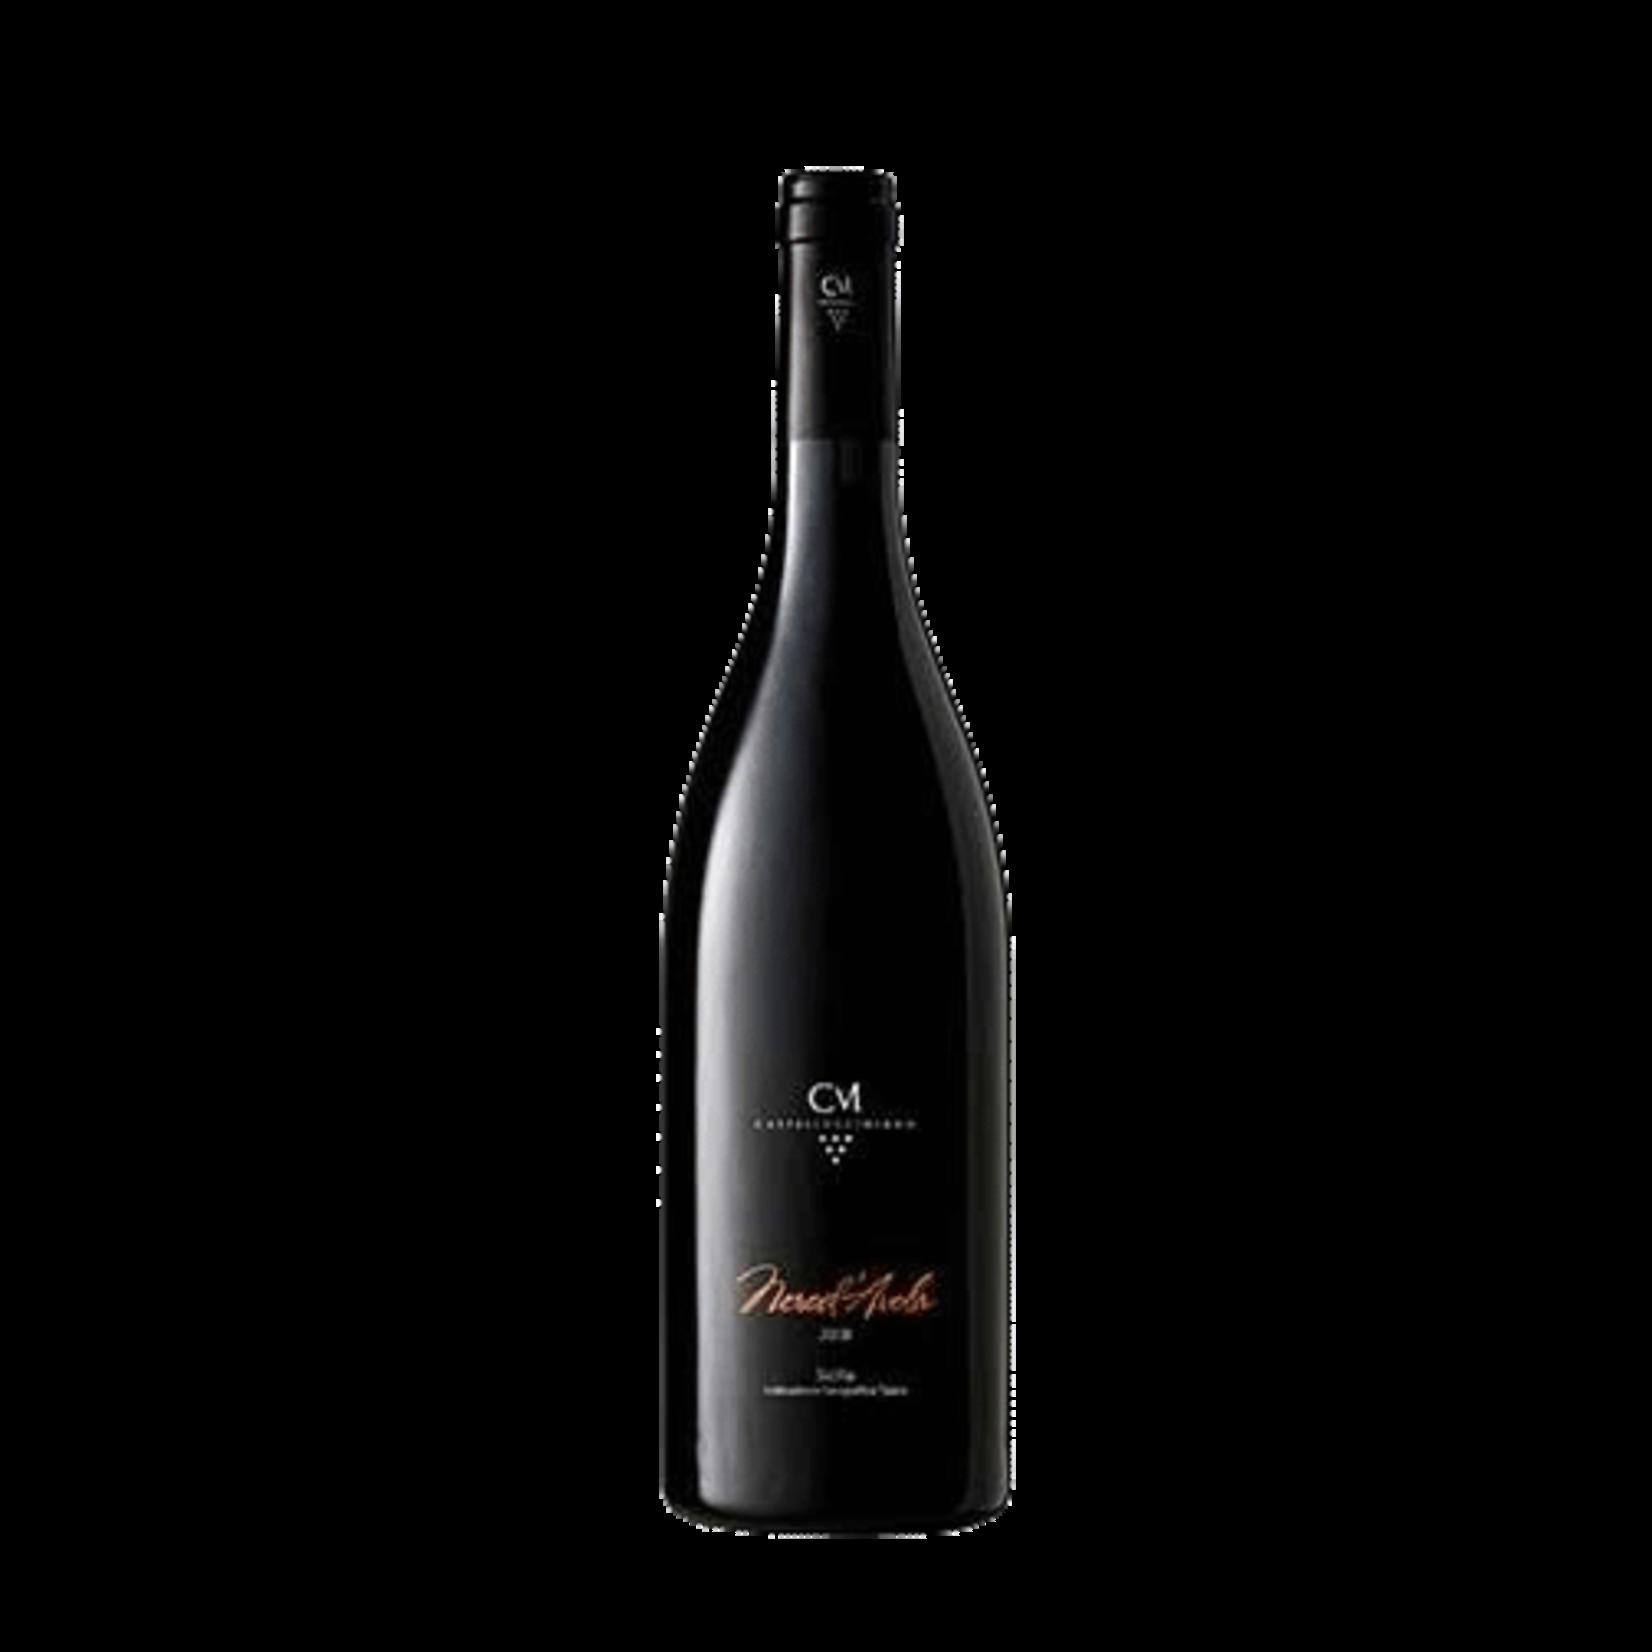 Wine Castellucci Miano 'Nero d'Avola